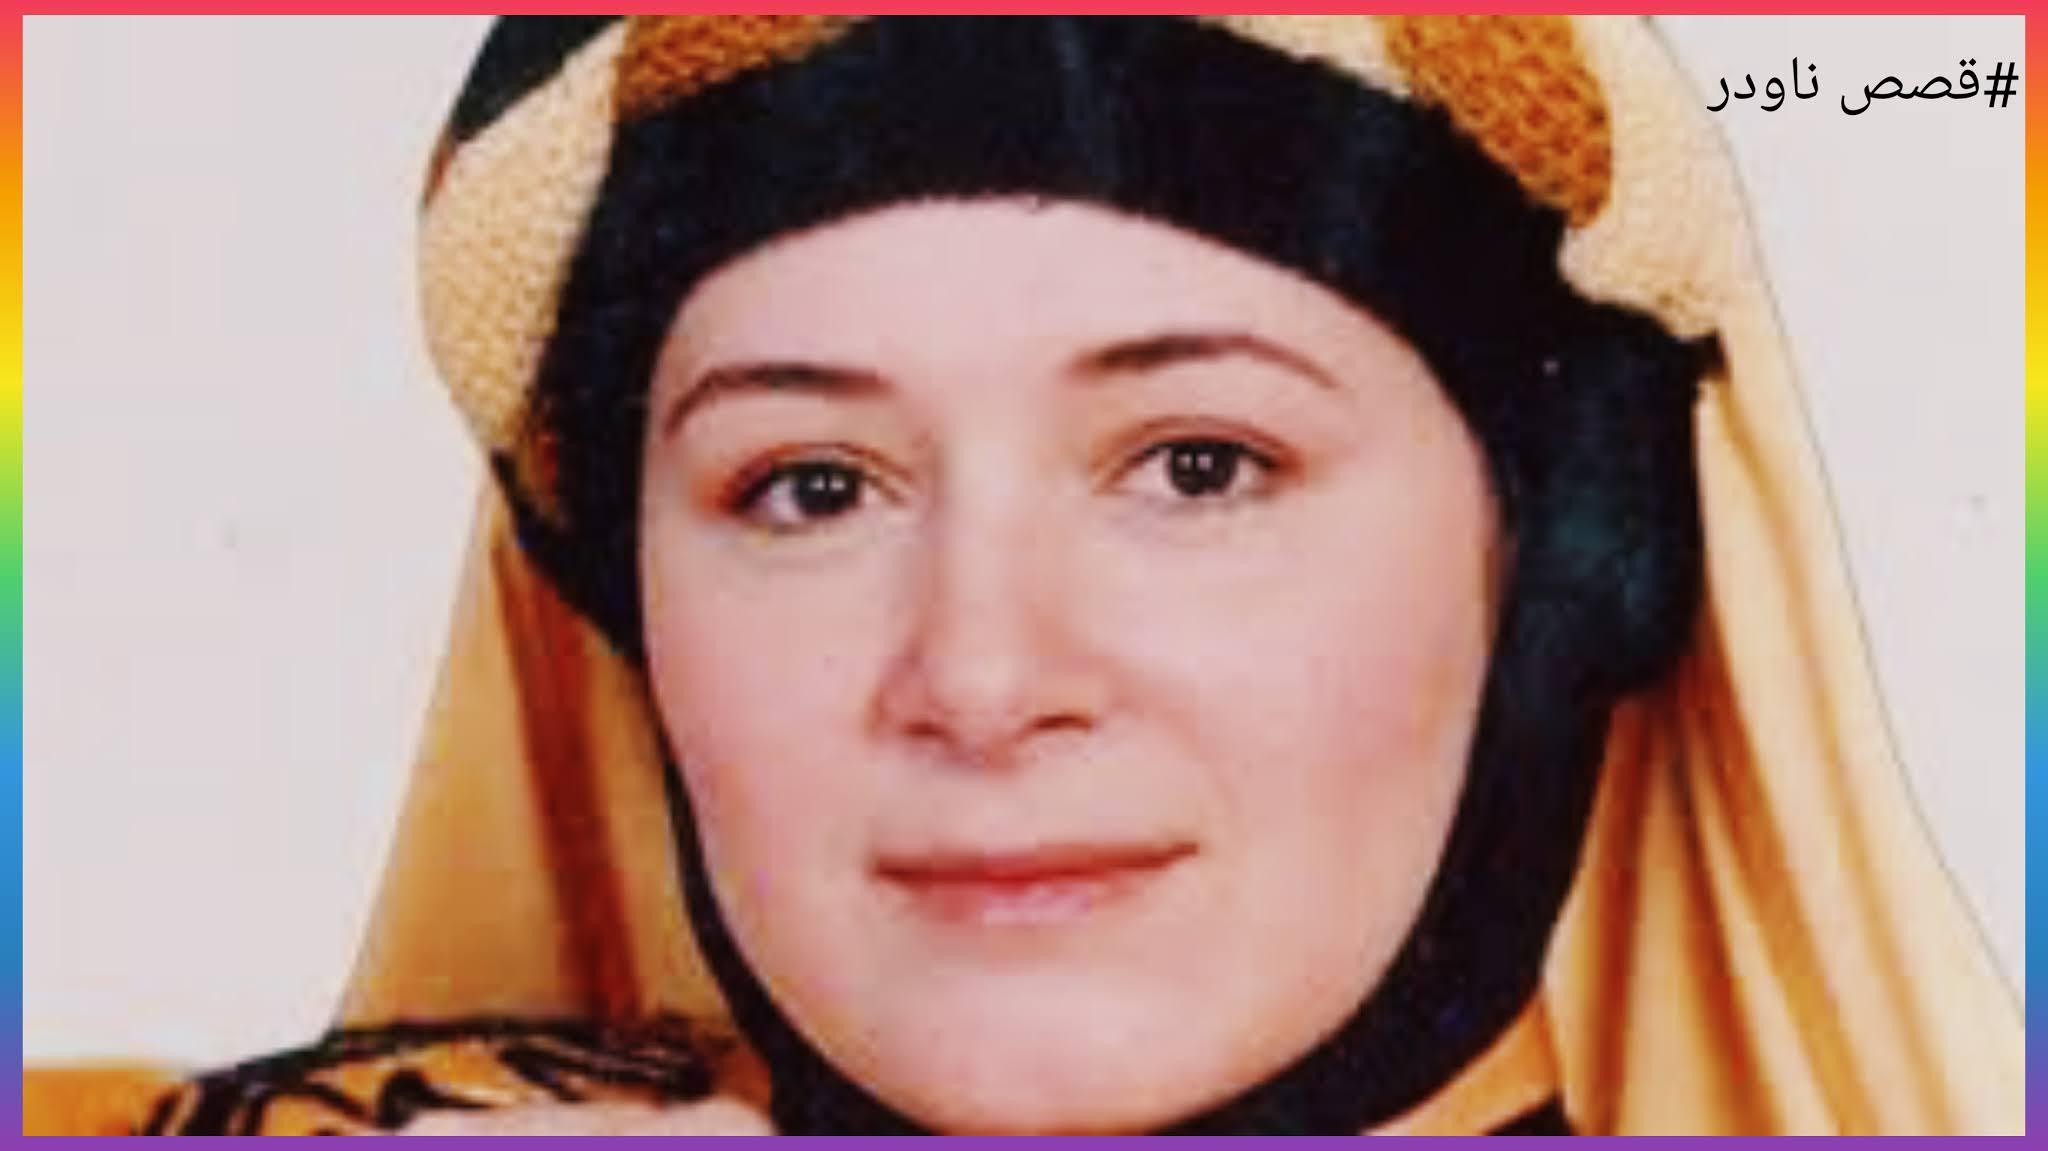 توبة الممثلة هالة فؤاد | قصة واقعية